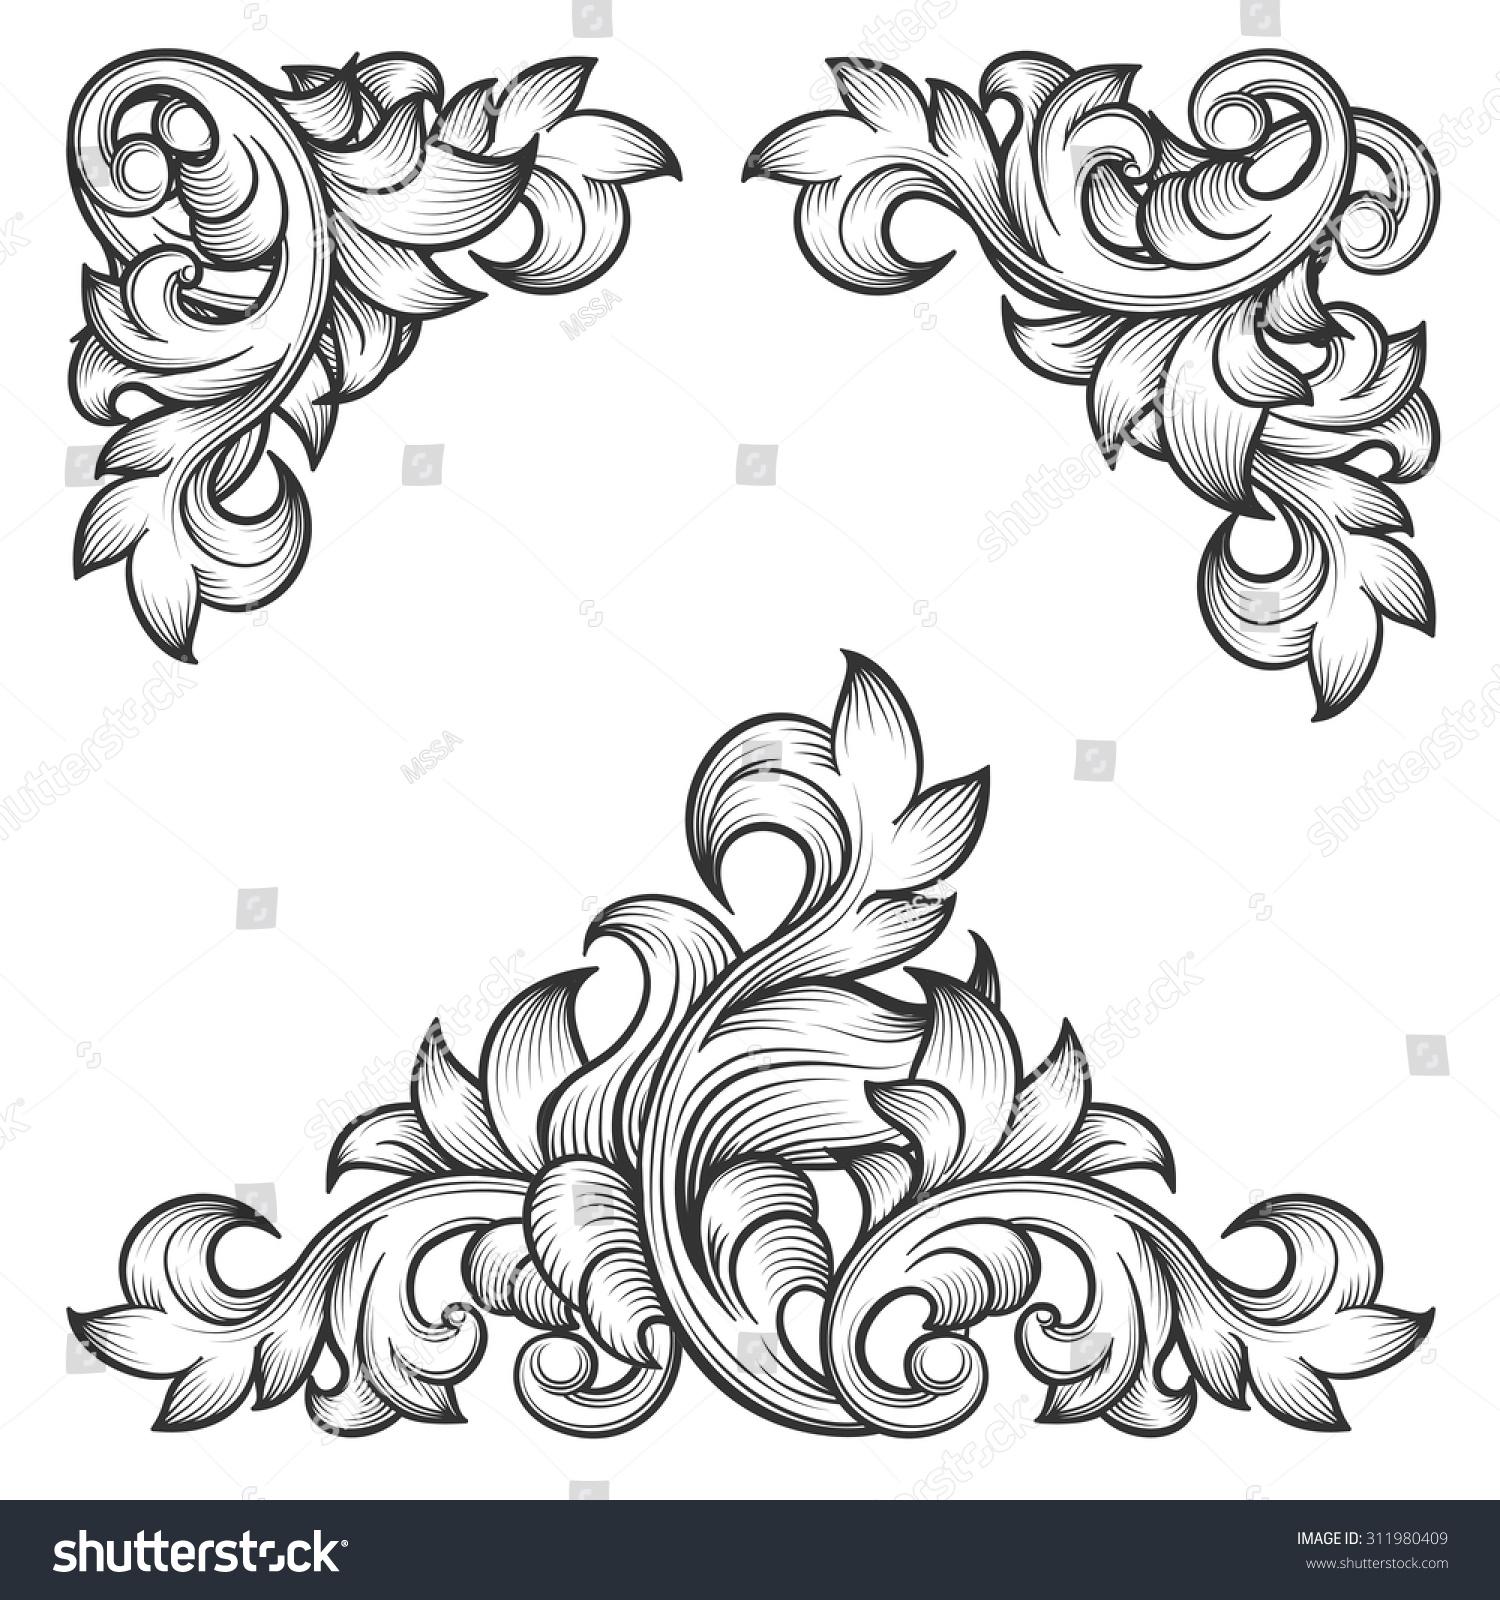 baroque leaf frame swirl decorative design stock vector. Black Bedroom Furniture Sets. Home Design Ideas